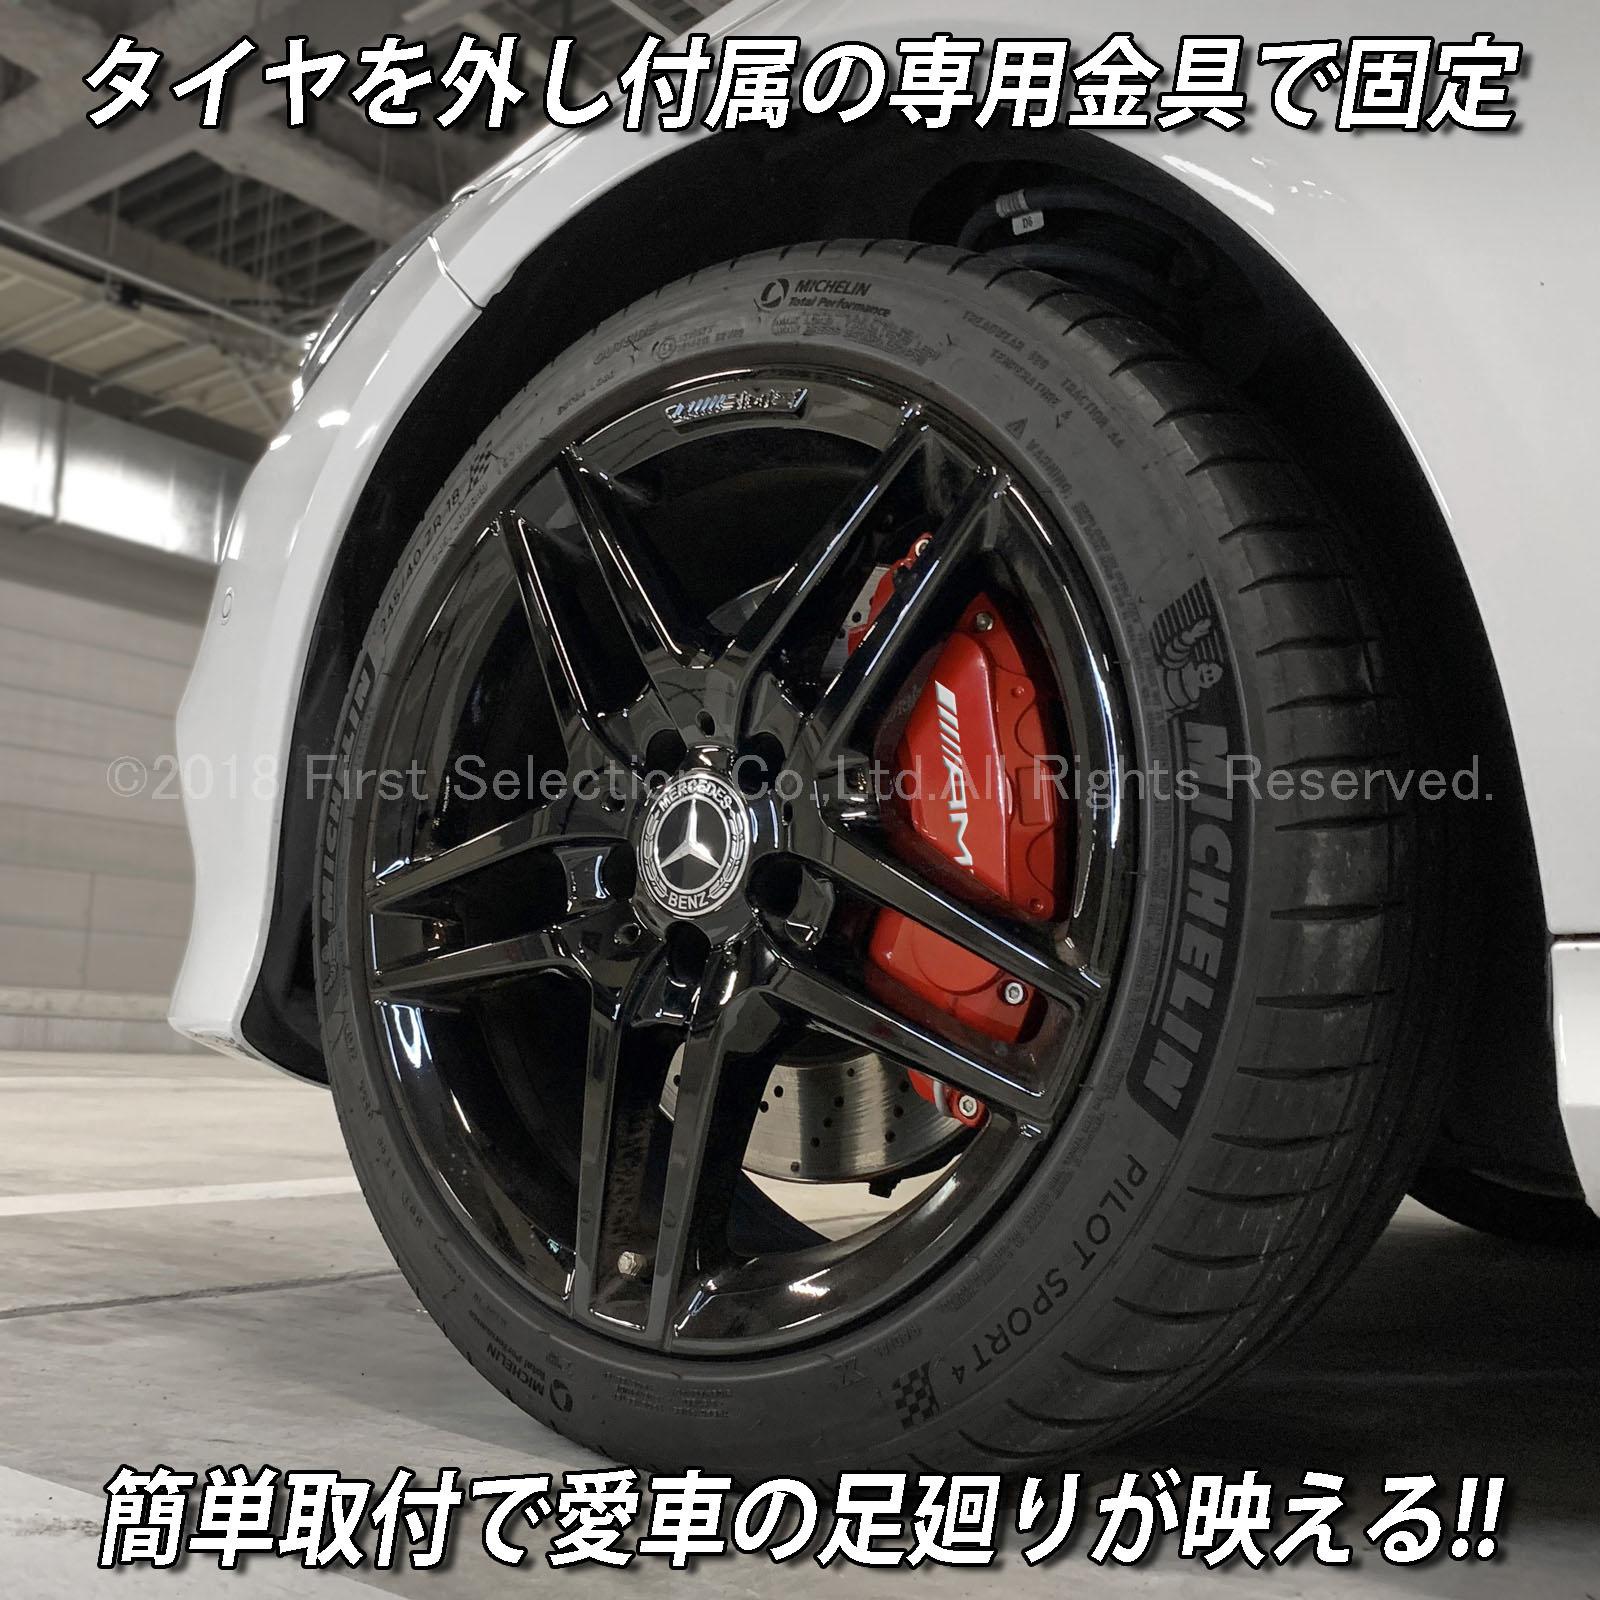 Mercedes-Benz ベンツ AMG銀文字 Eクラス W212/S212用 高耐久金属製キャリパーカバーセット赤 W212 S212 E350 E400 アバンギャルド